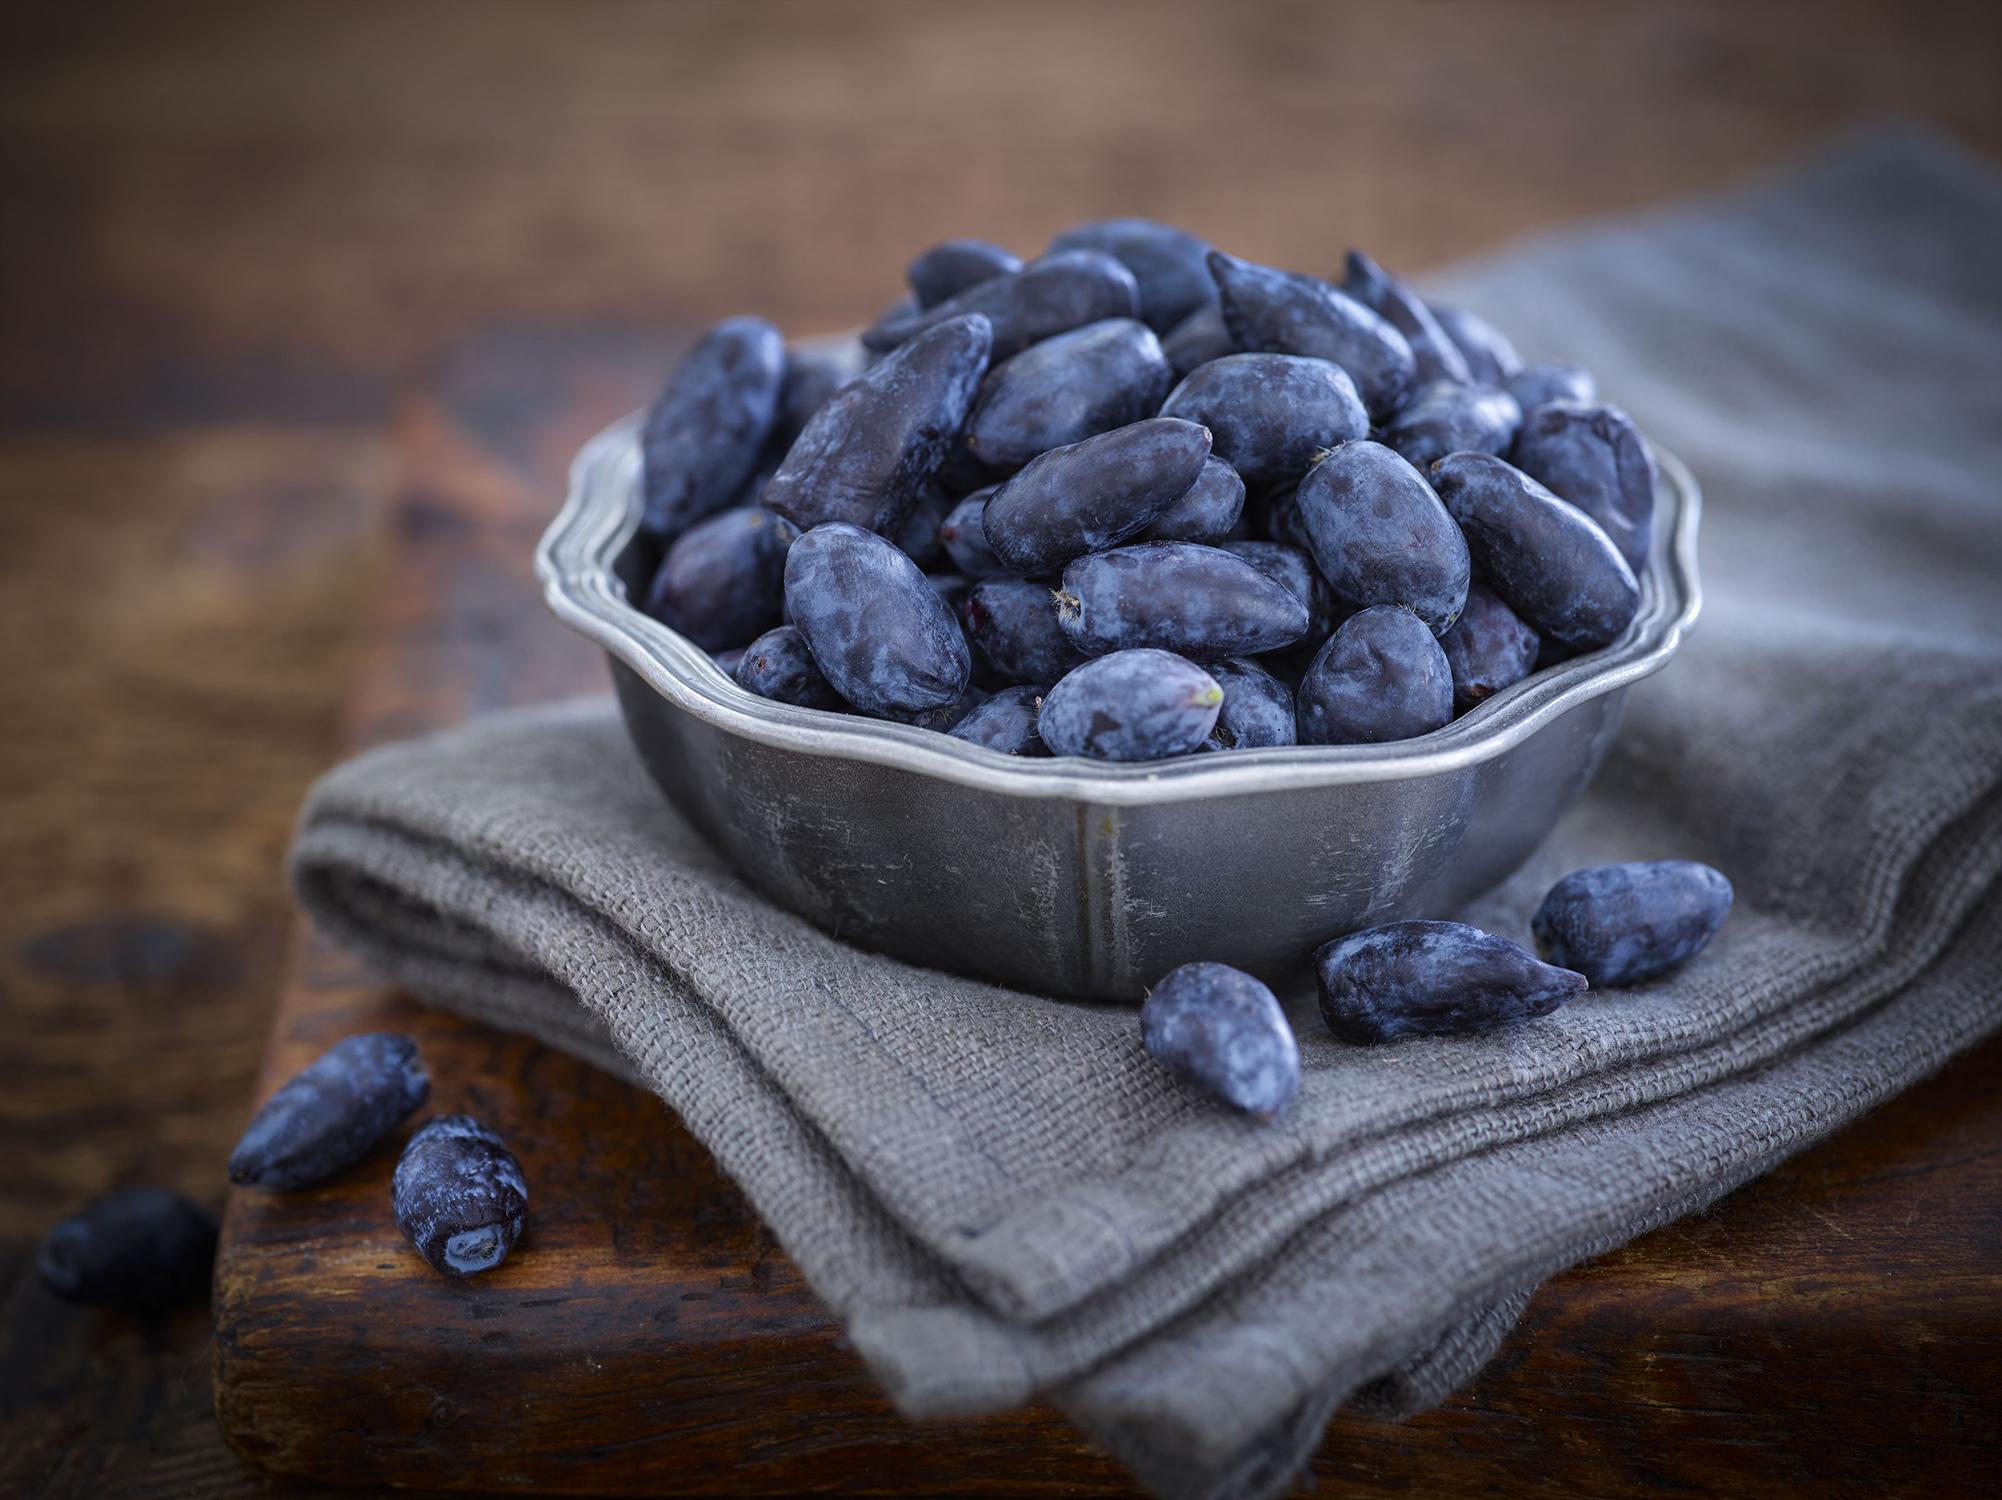 Soloberry ya tiene luz verde para registrar Haskap como producto alimeticio tradicional